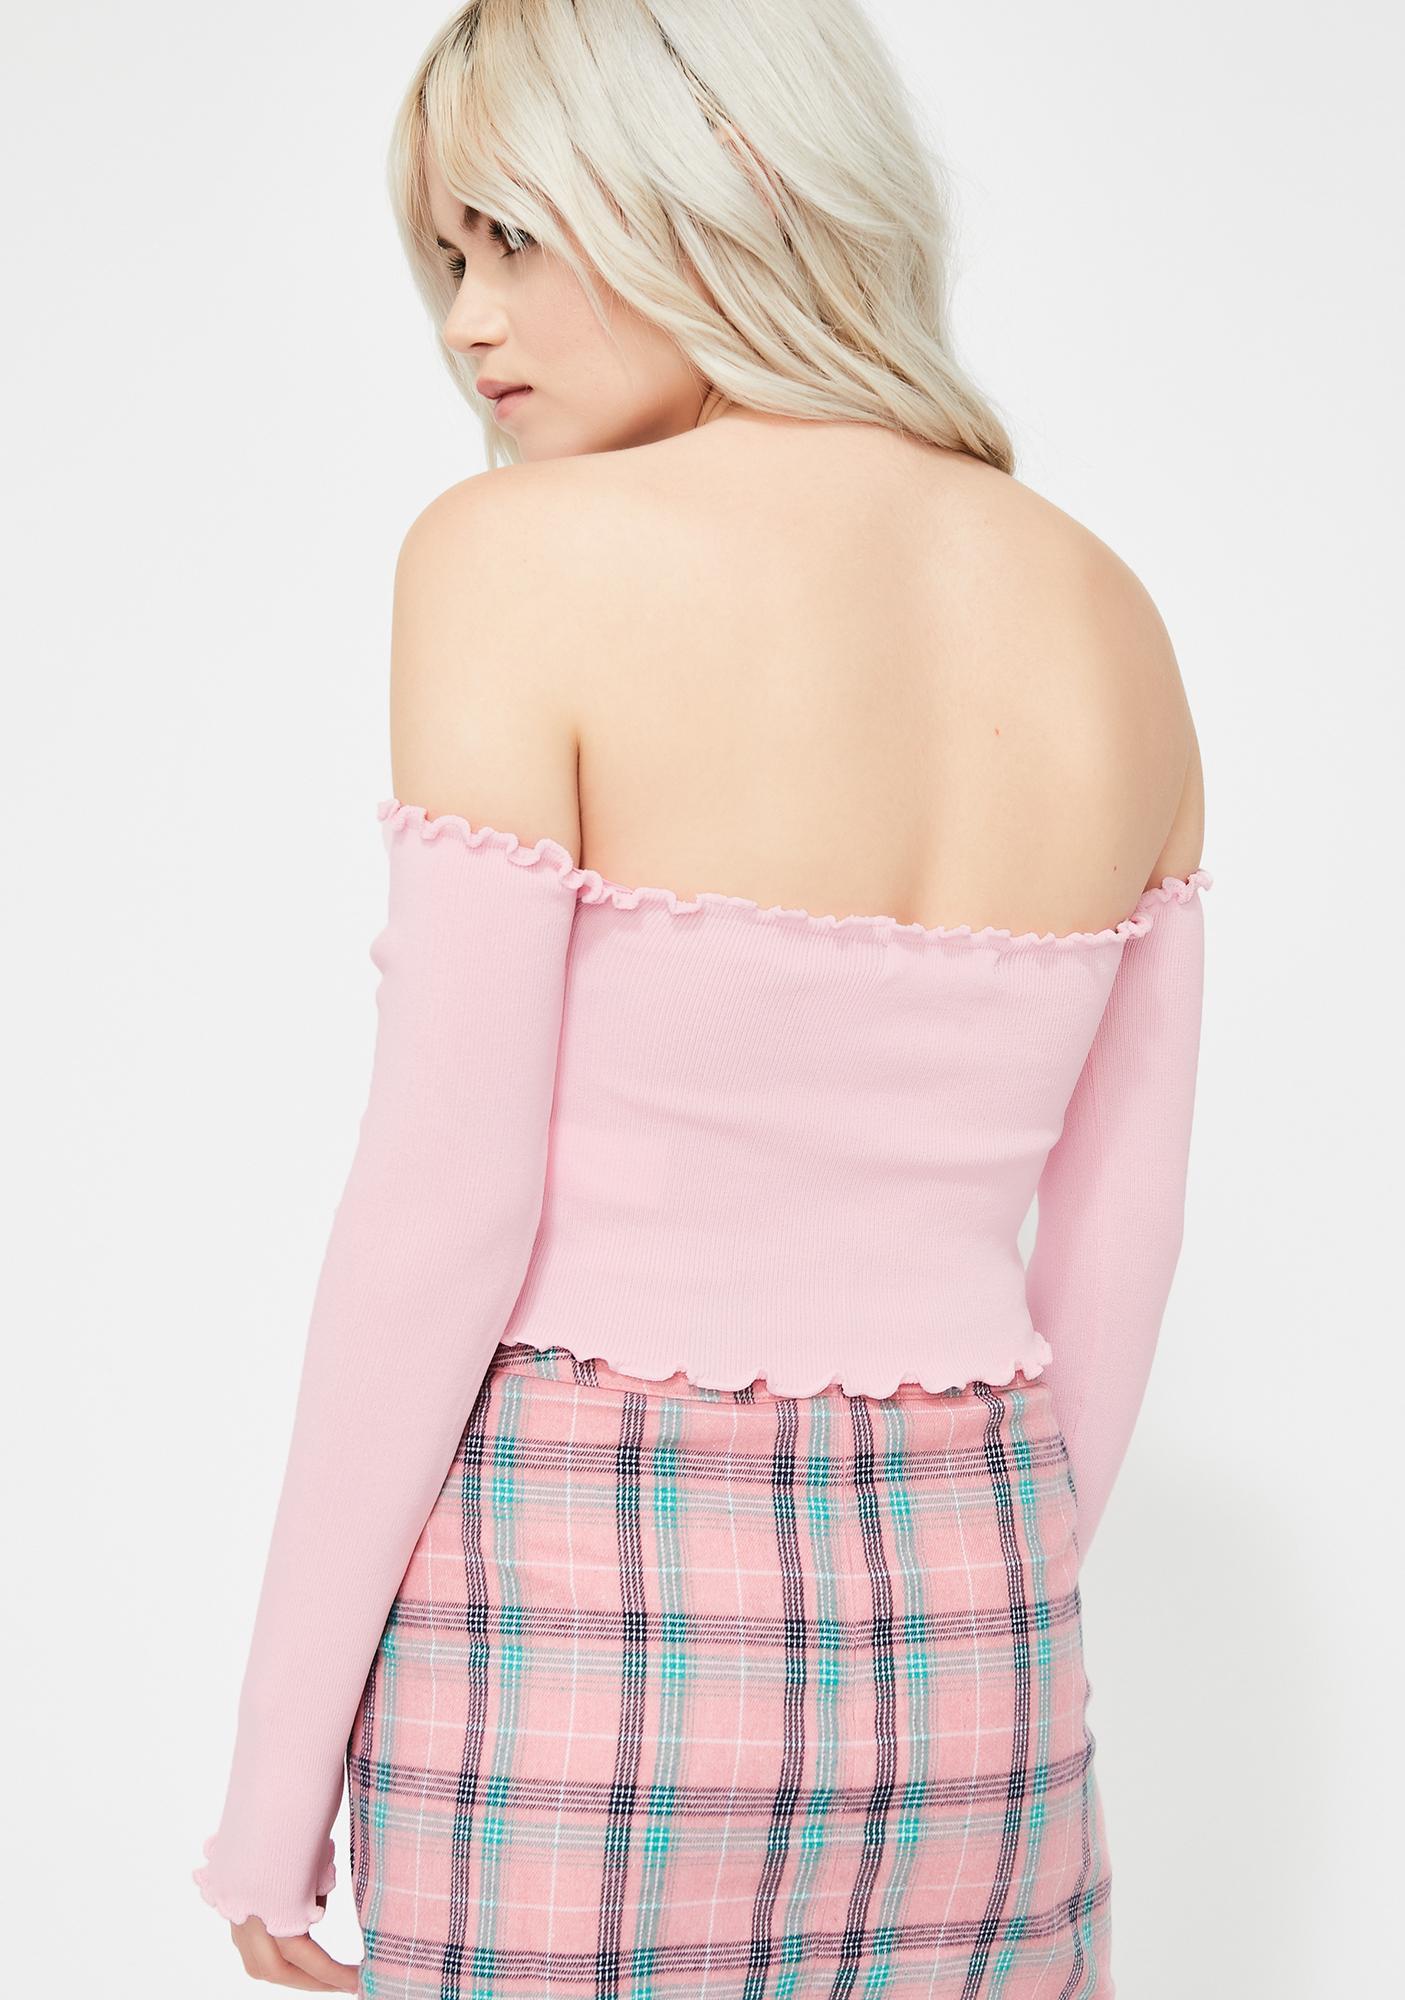 Blush Twice As Nice Crop Top